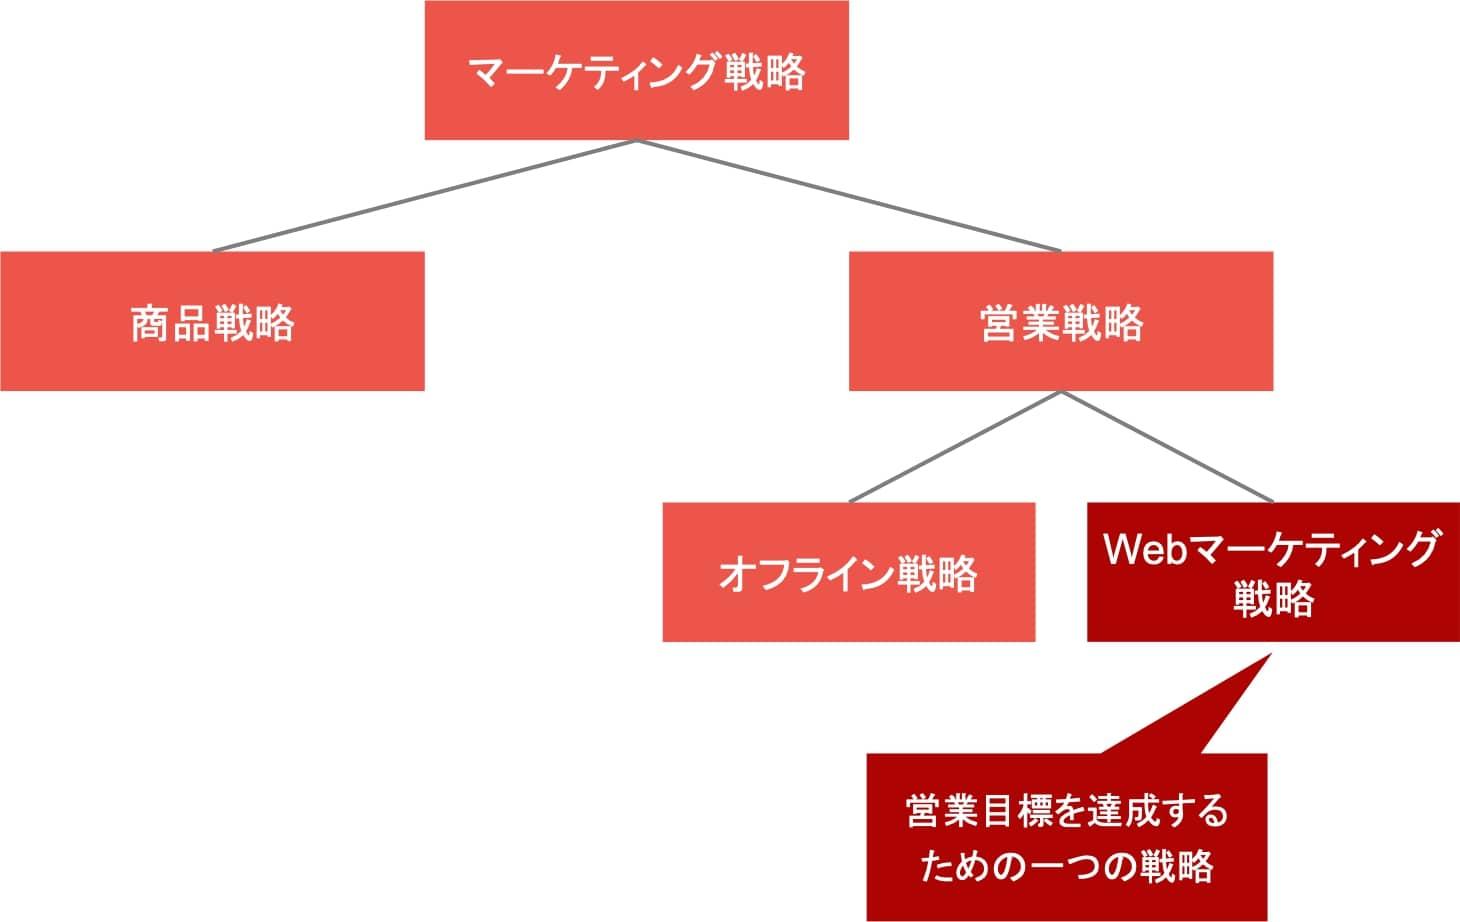 Webマーケティング戦略と営業戦略の関係図